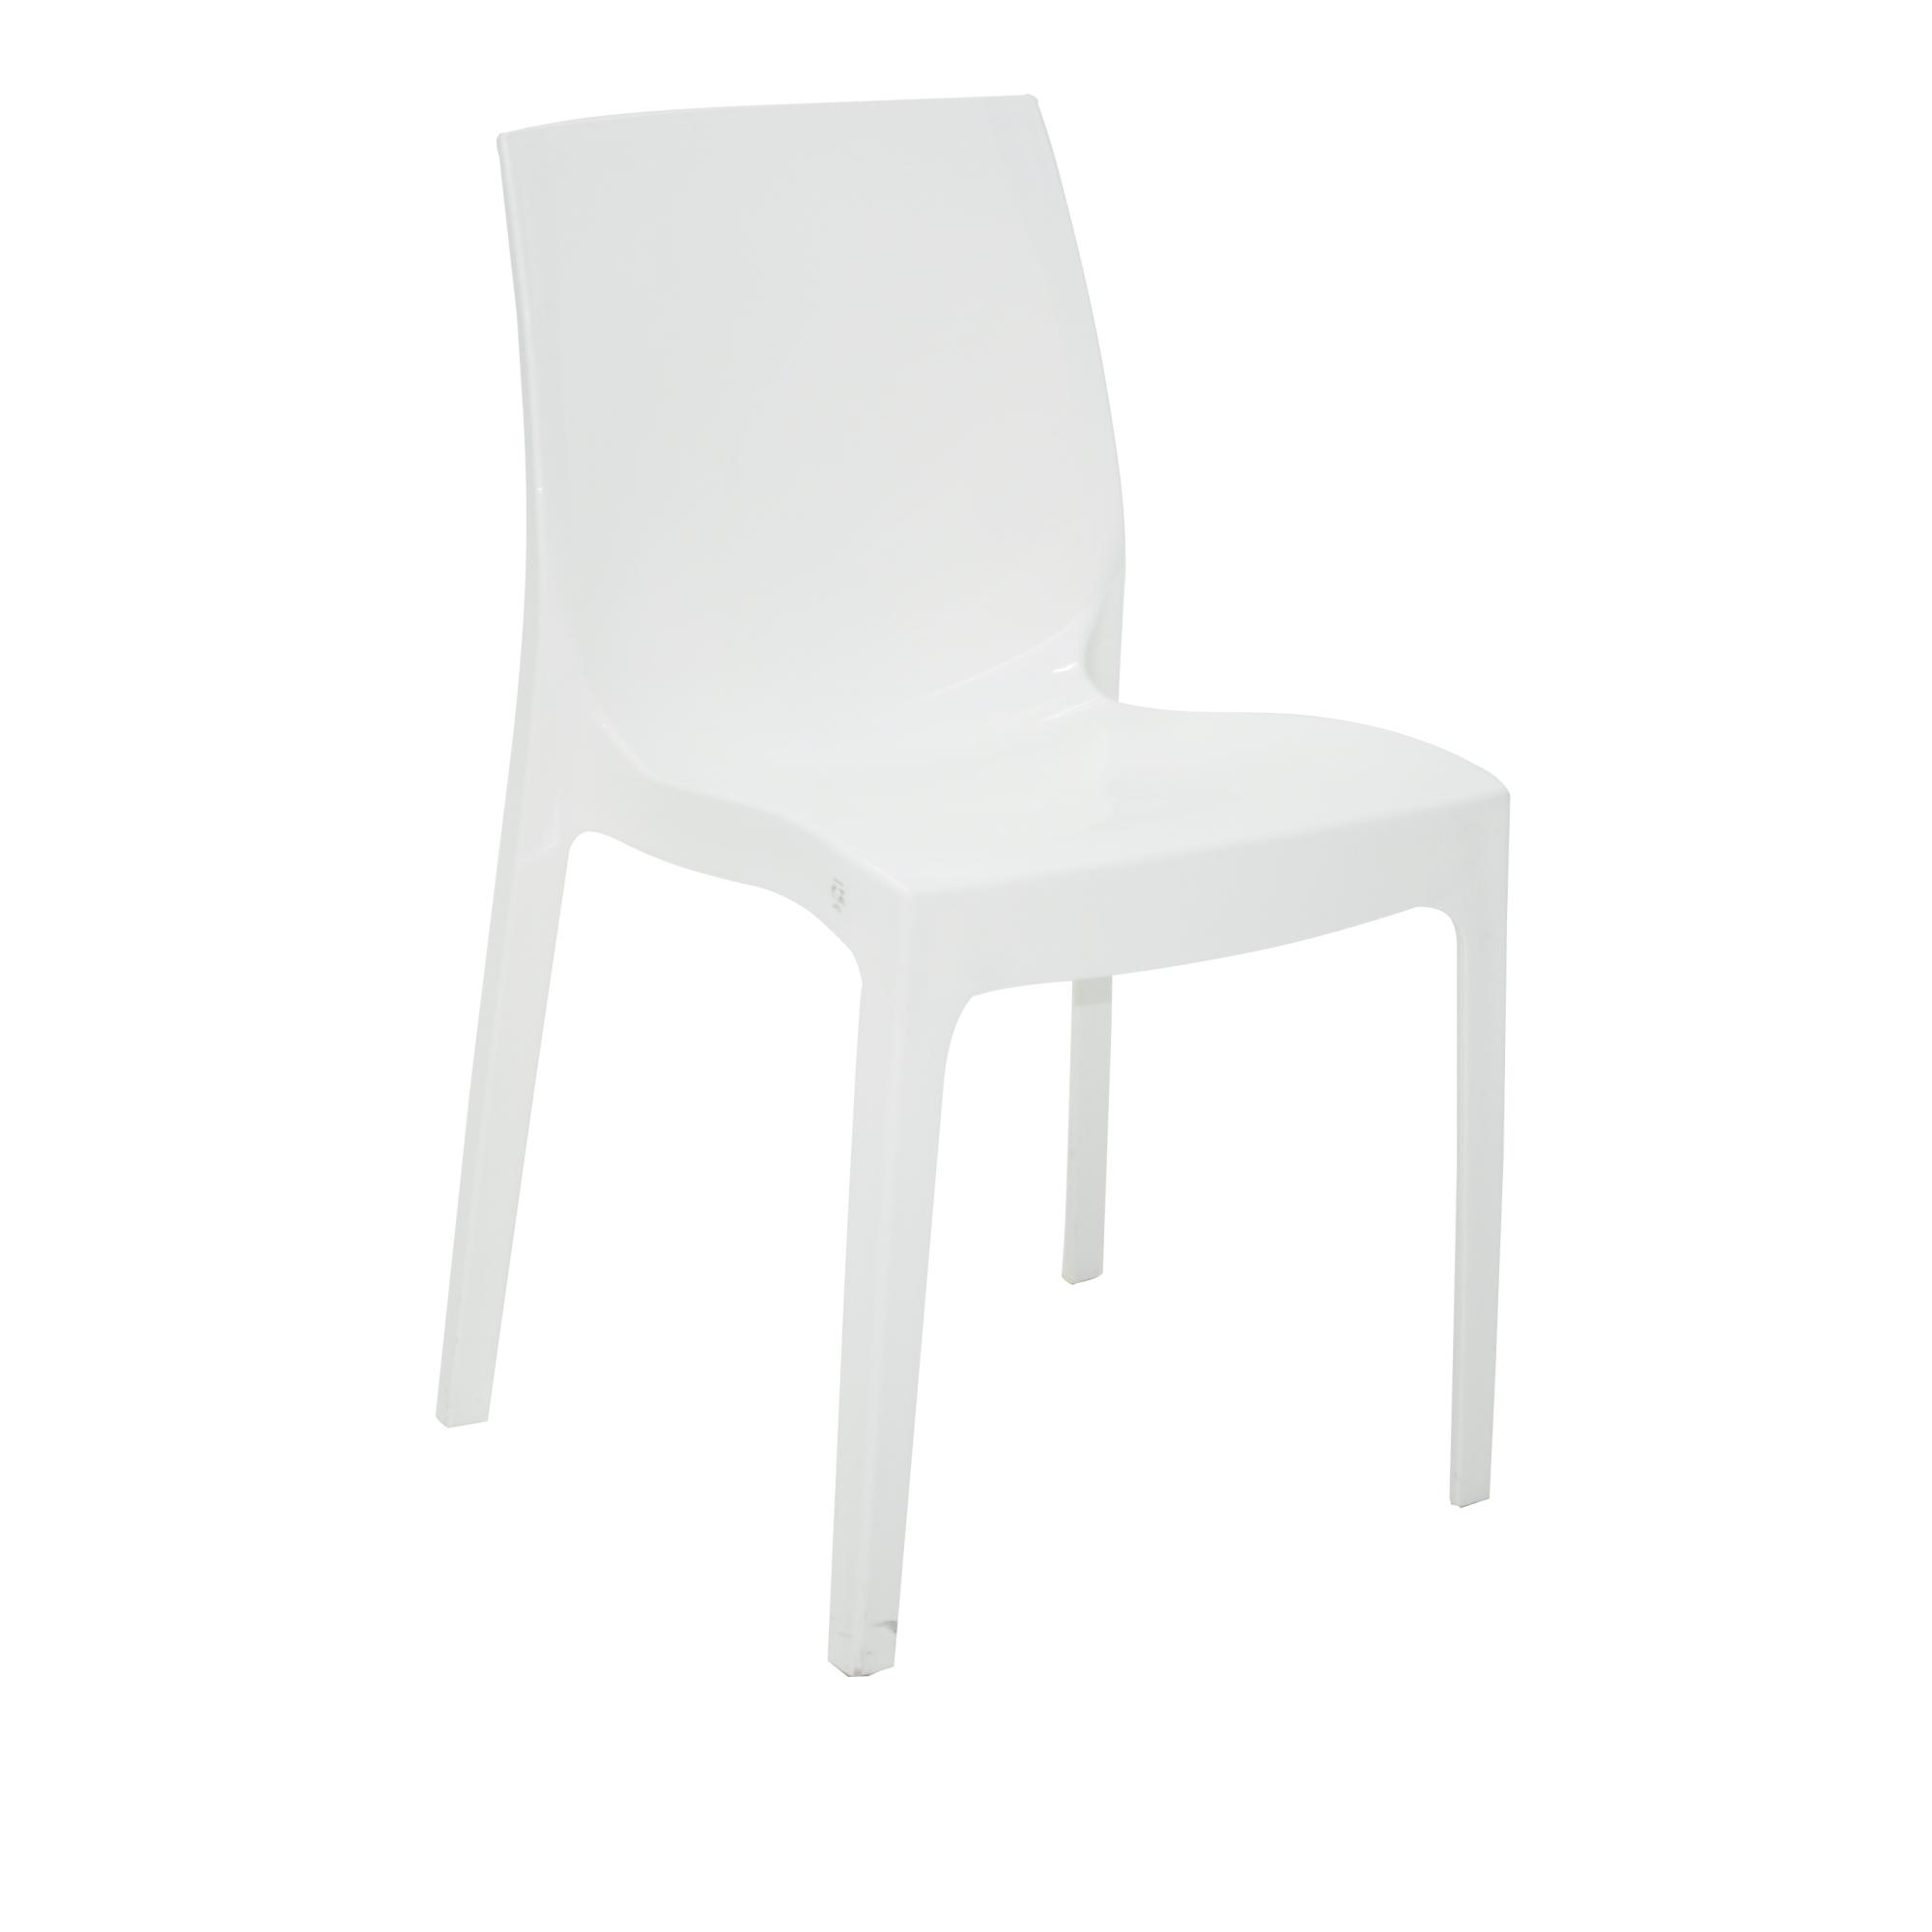 Cadeira Tramontina Branca Alice em Polipropileno com Encosto